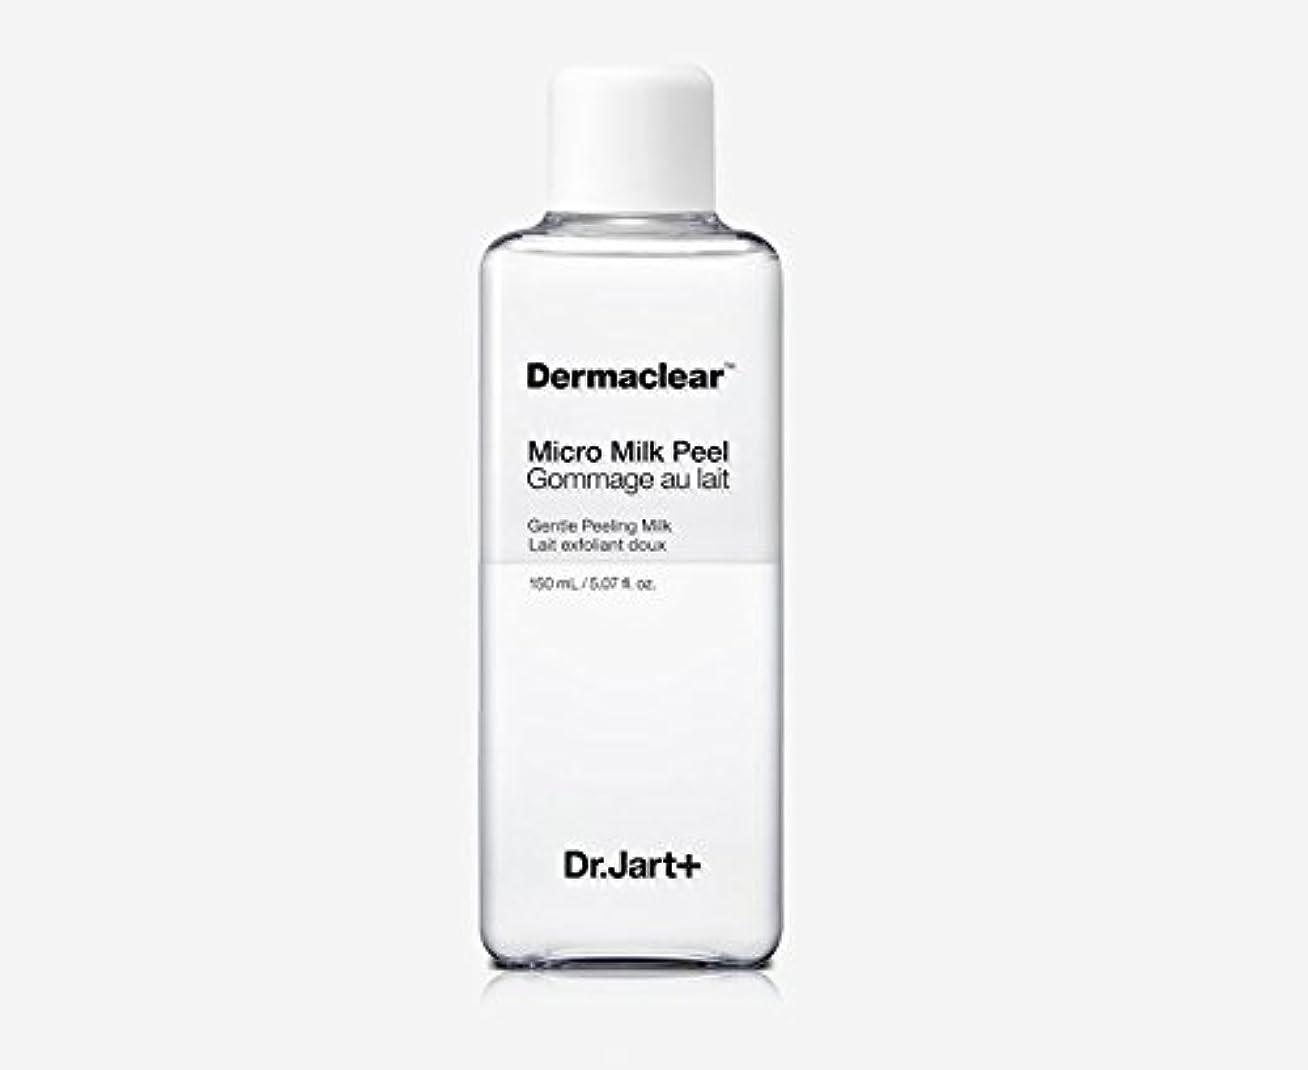 同行する定期的な列挙する[ドクタージャルト]Dermaclear Micro Milk Peel 150ml/[ドクタージャルト]ダーマクリアマイクロミルクピール150ml [並行輸入品]